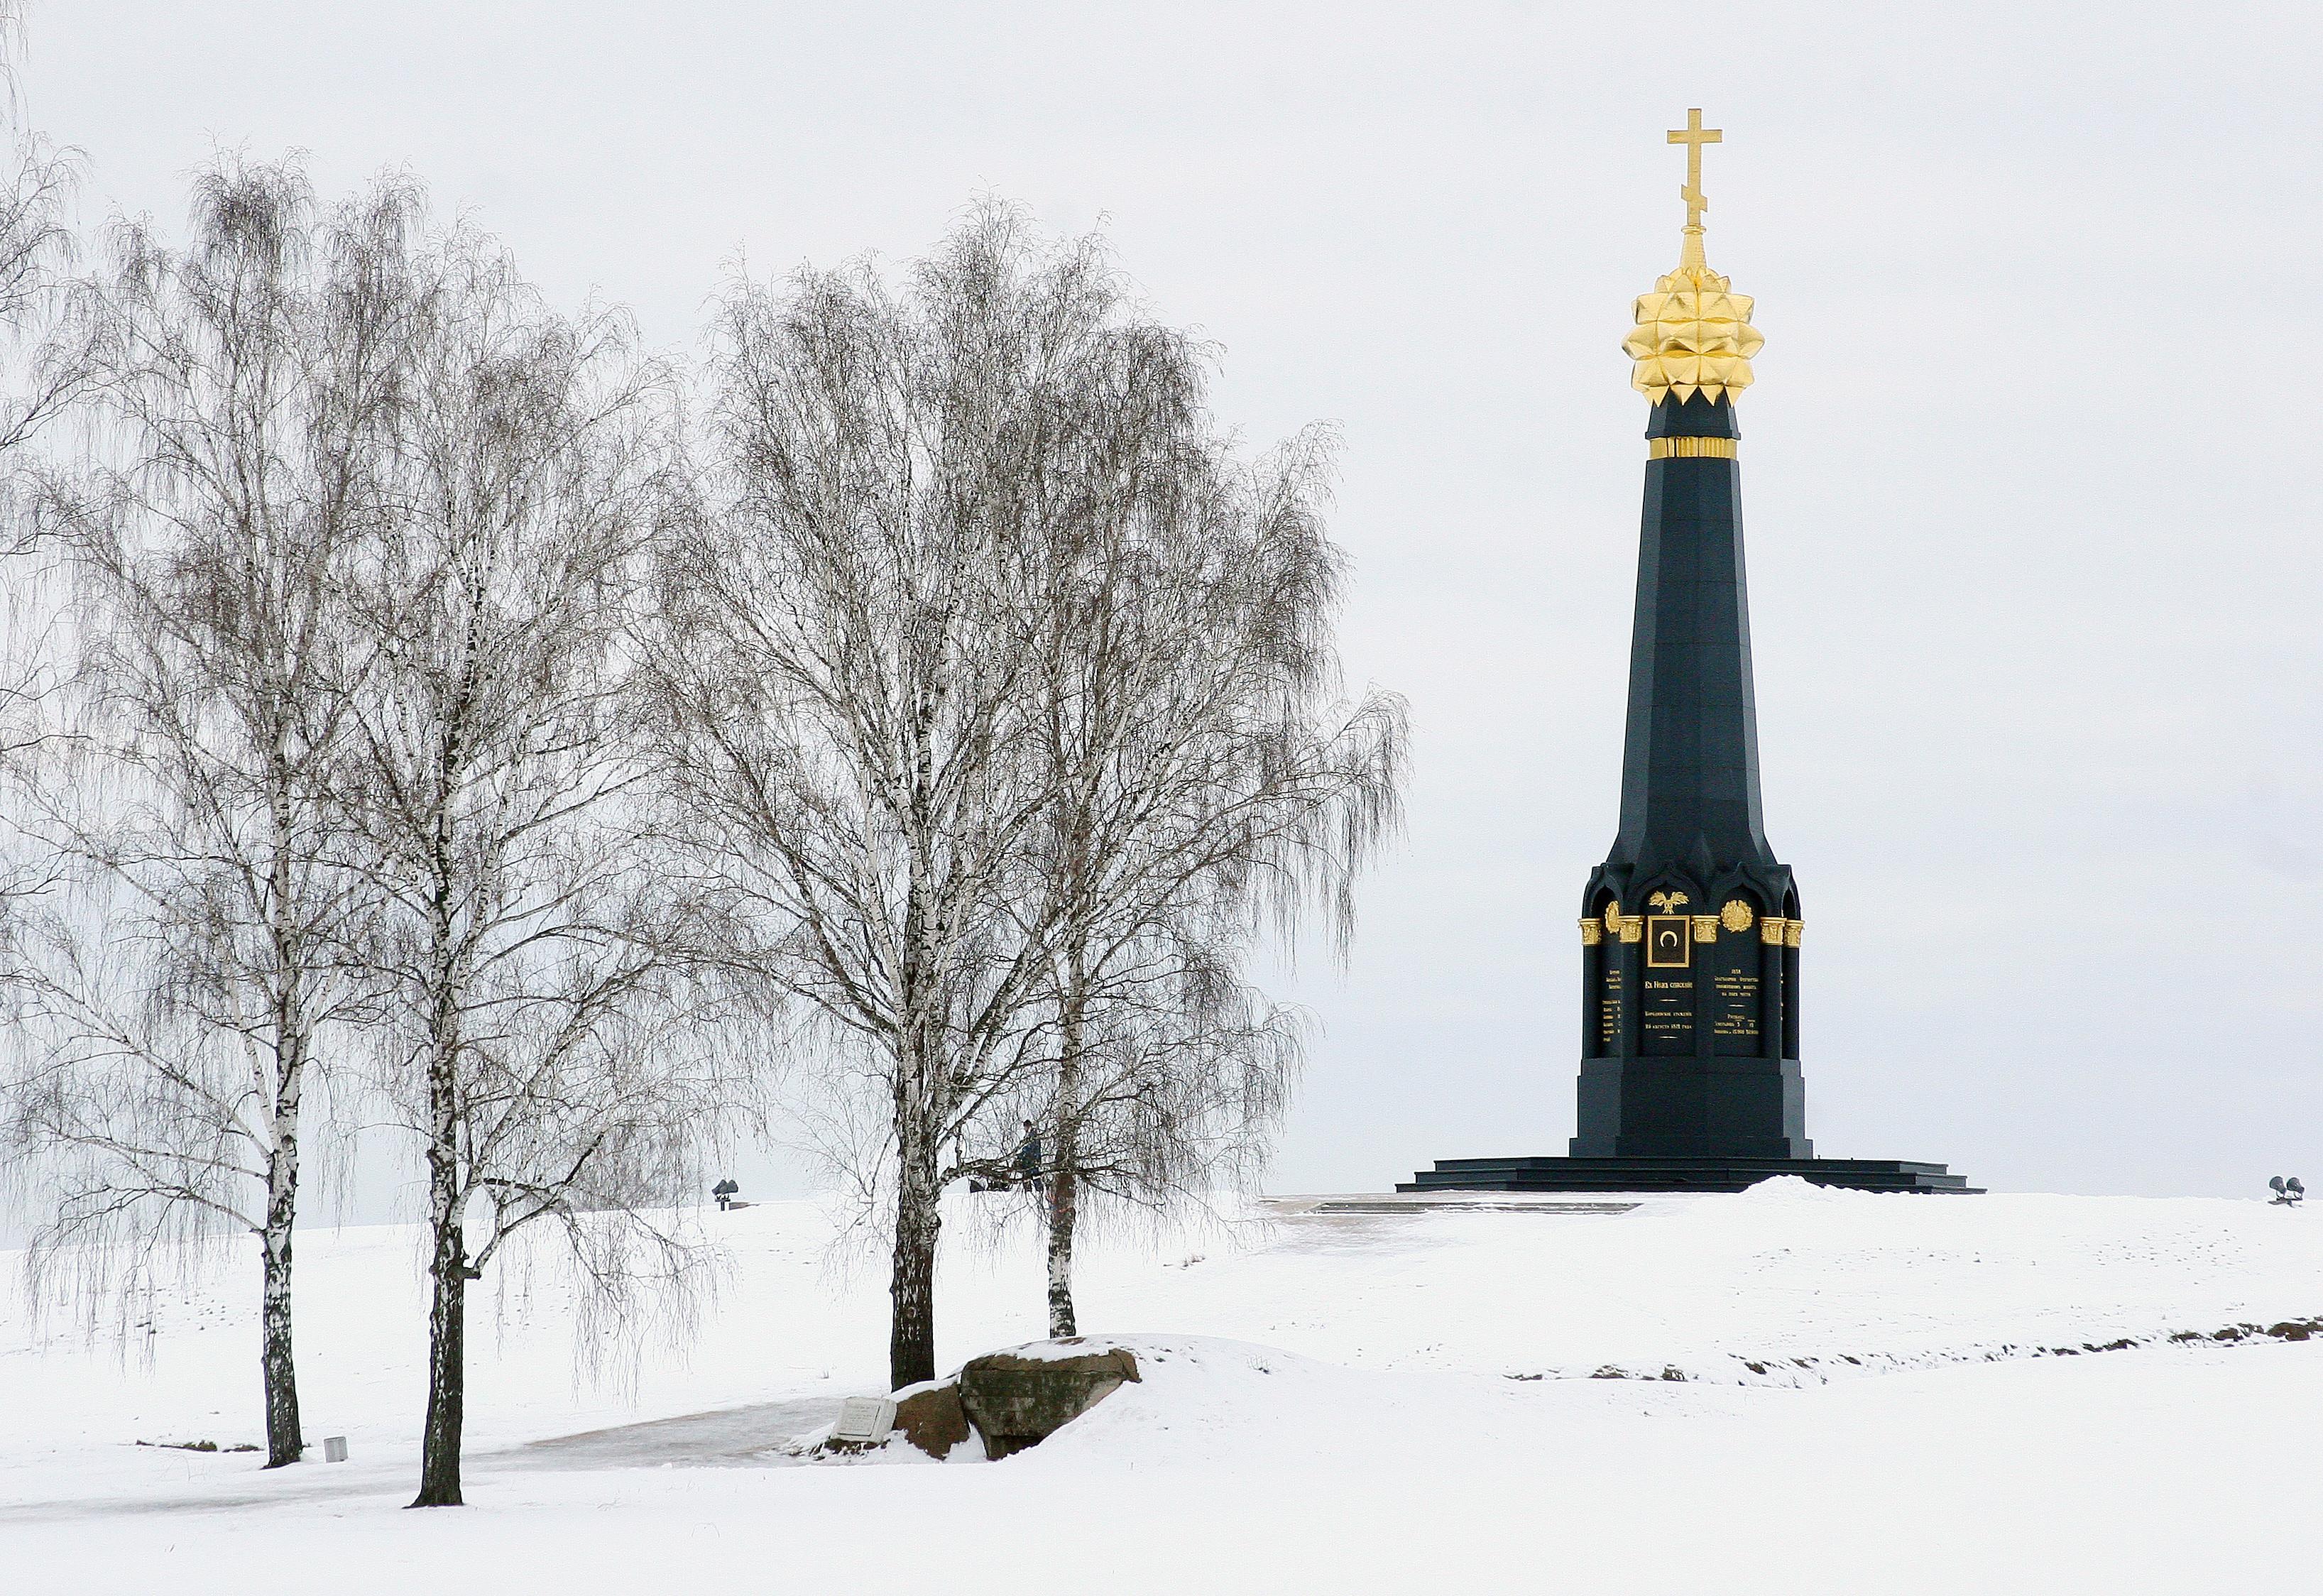 Монумент в память доблестных защитников Отечества на территории музея «Бородинское поле»